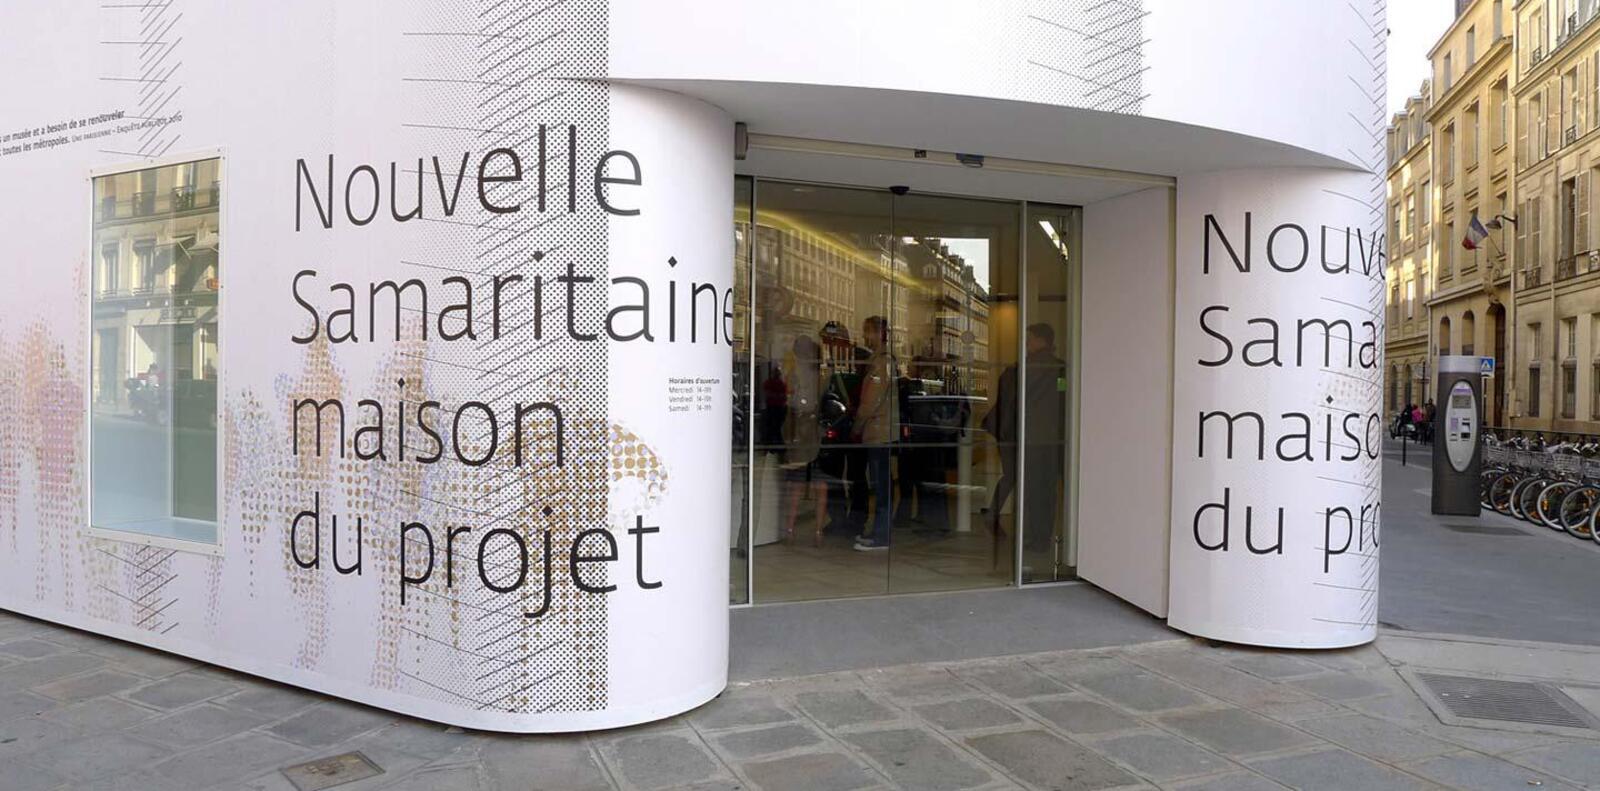 Maison de la nouvelle samaritaine sanaa maison du projet for La maison du monoi